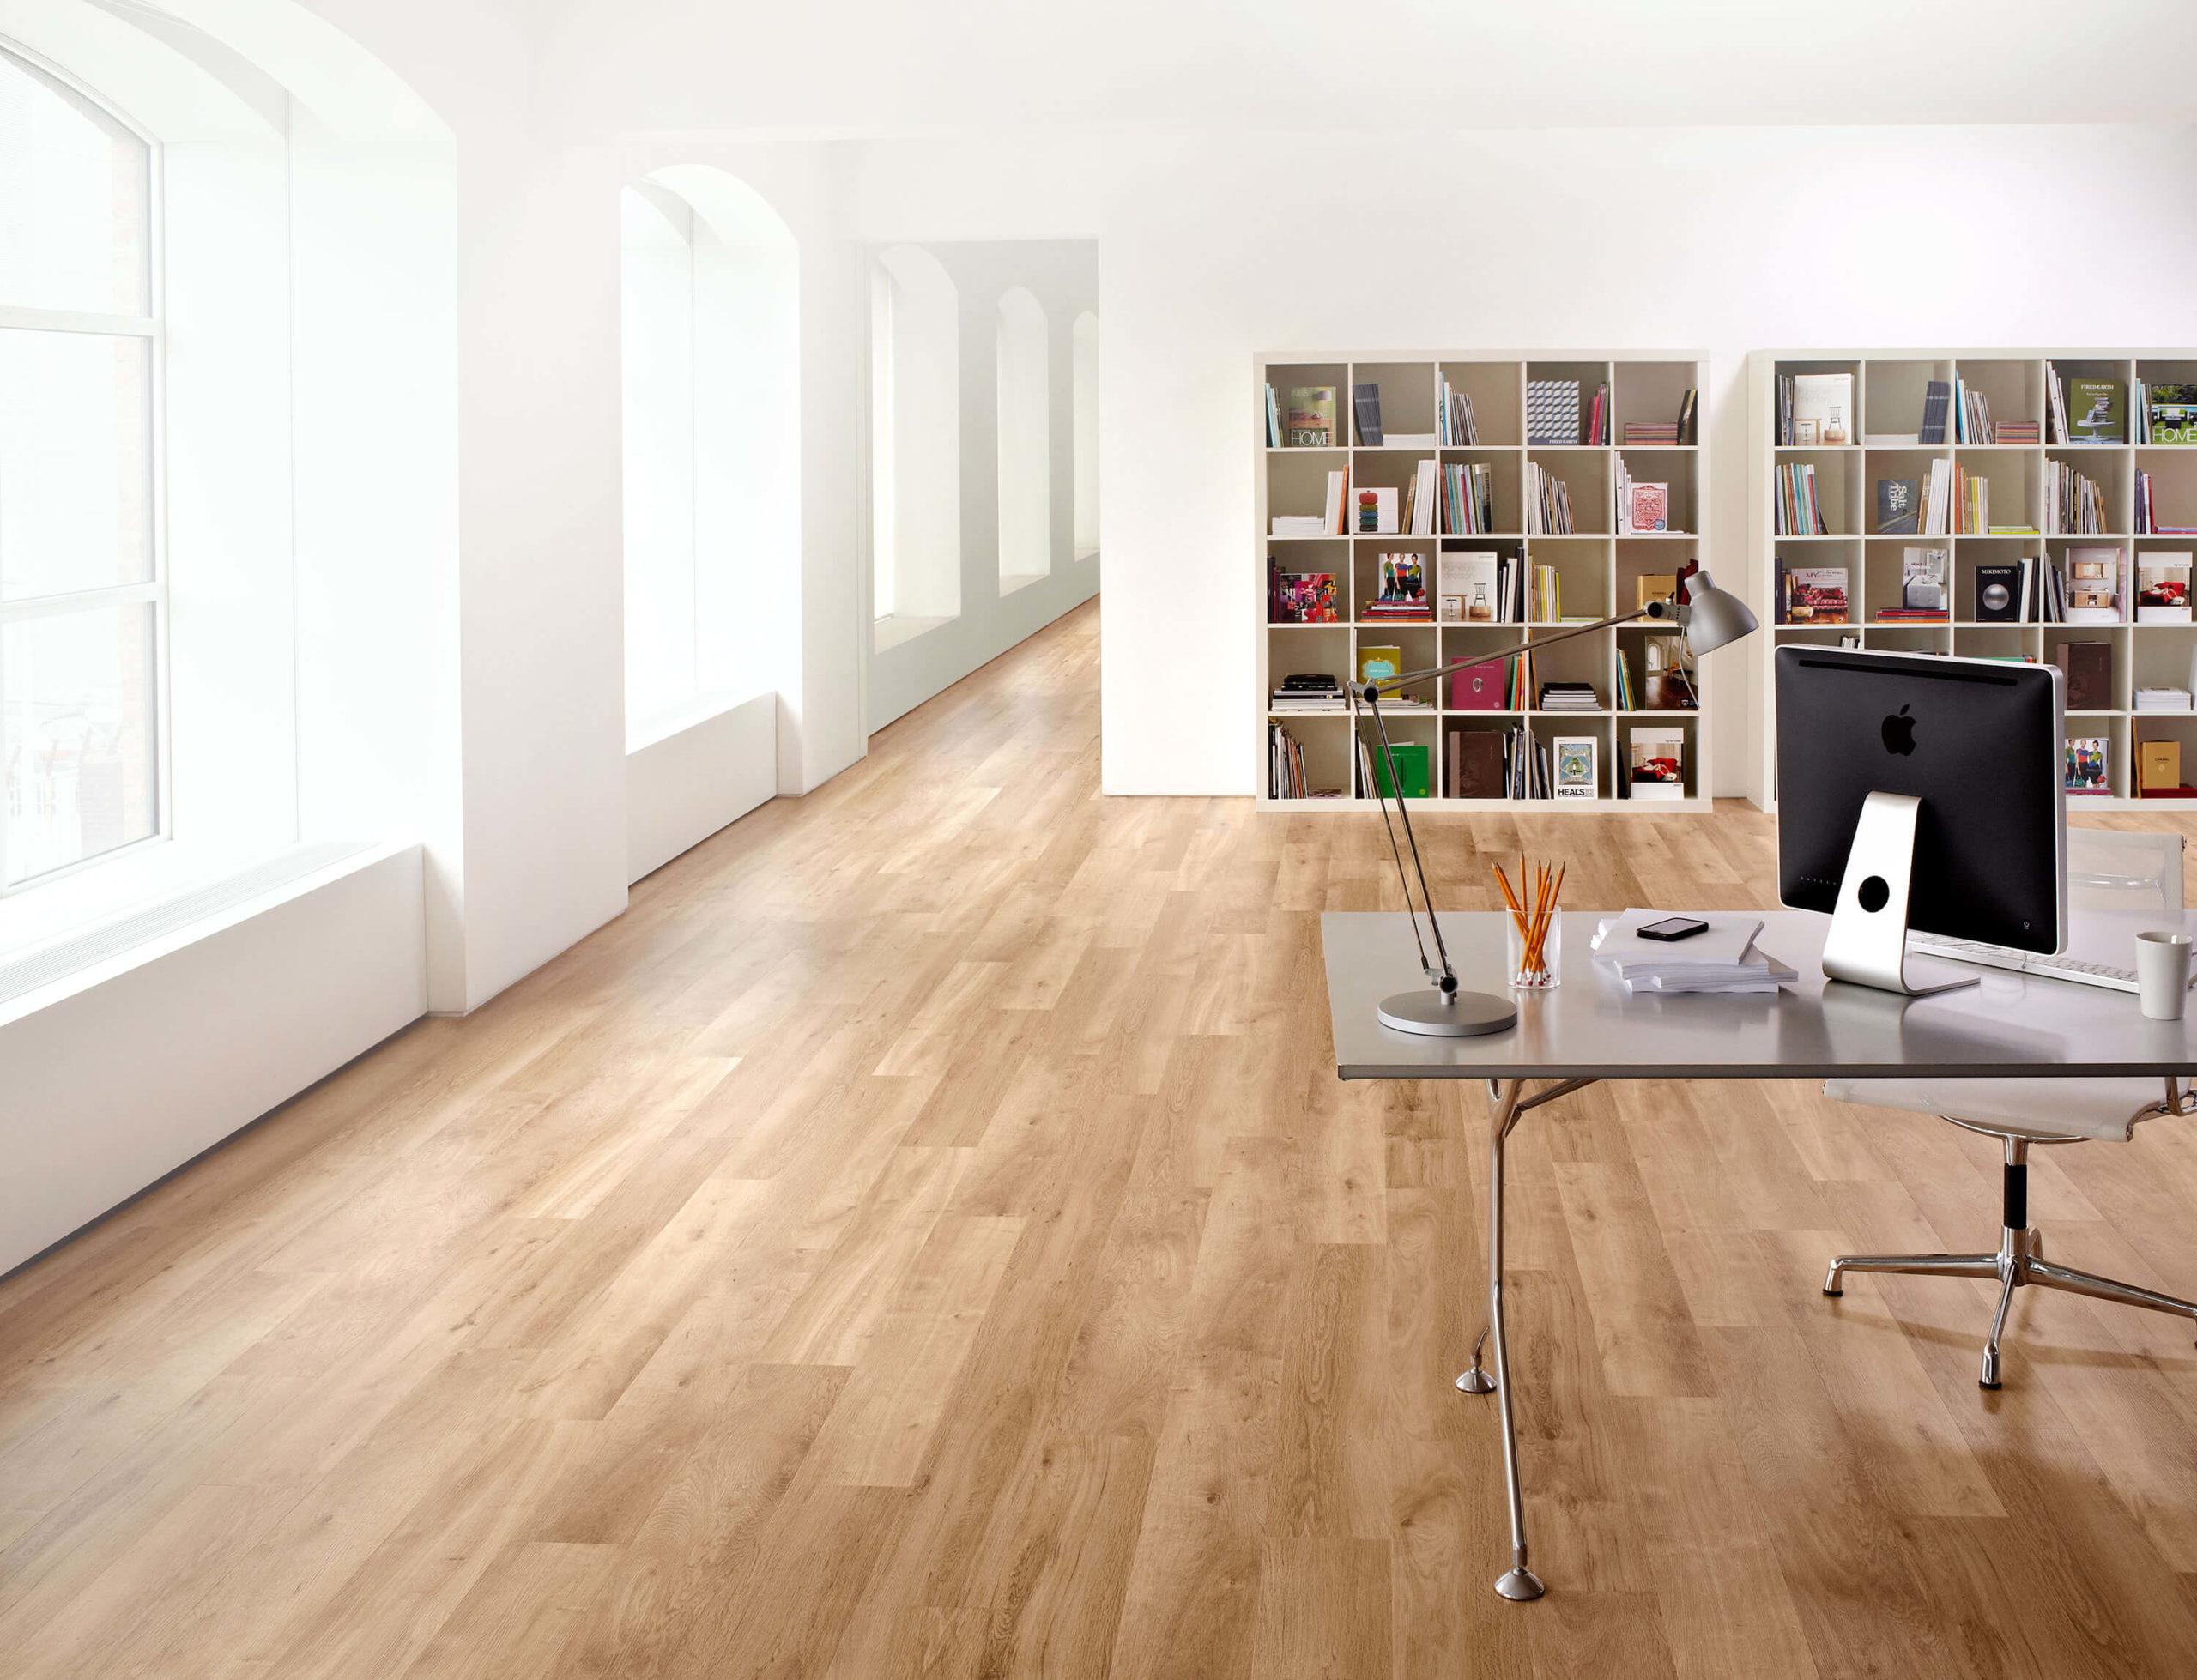 Büro mit Designbelag Vinyl Fußbodenbelag